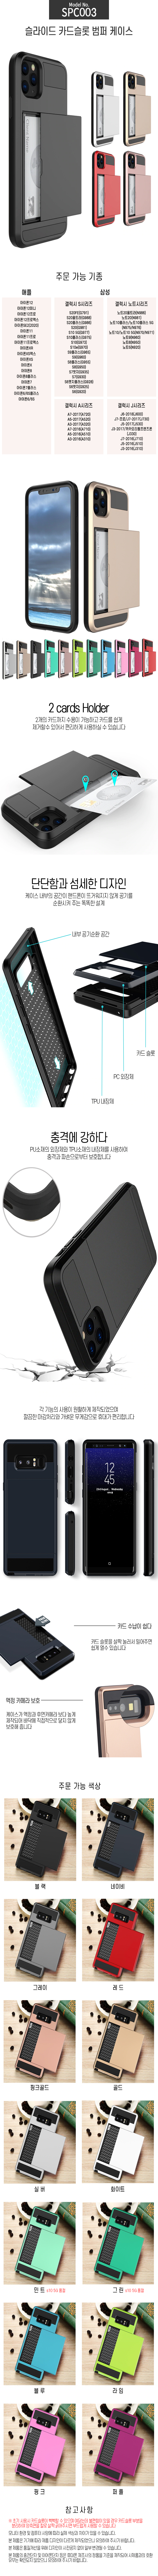 갤럭시S10 S9 S8 S7 S6 아이폰8 7 6/6S 플러스 엣지 e 5G 카드 핸드폰케이스 - 수나르, 11,800원, 케이스, 기타 스마트폰